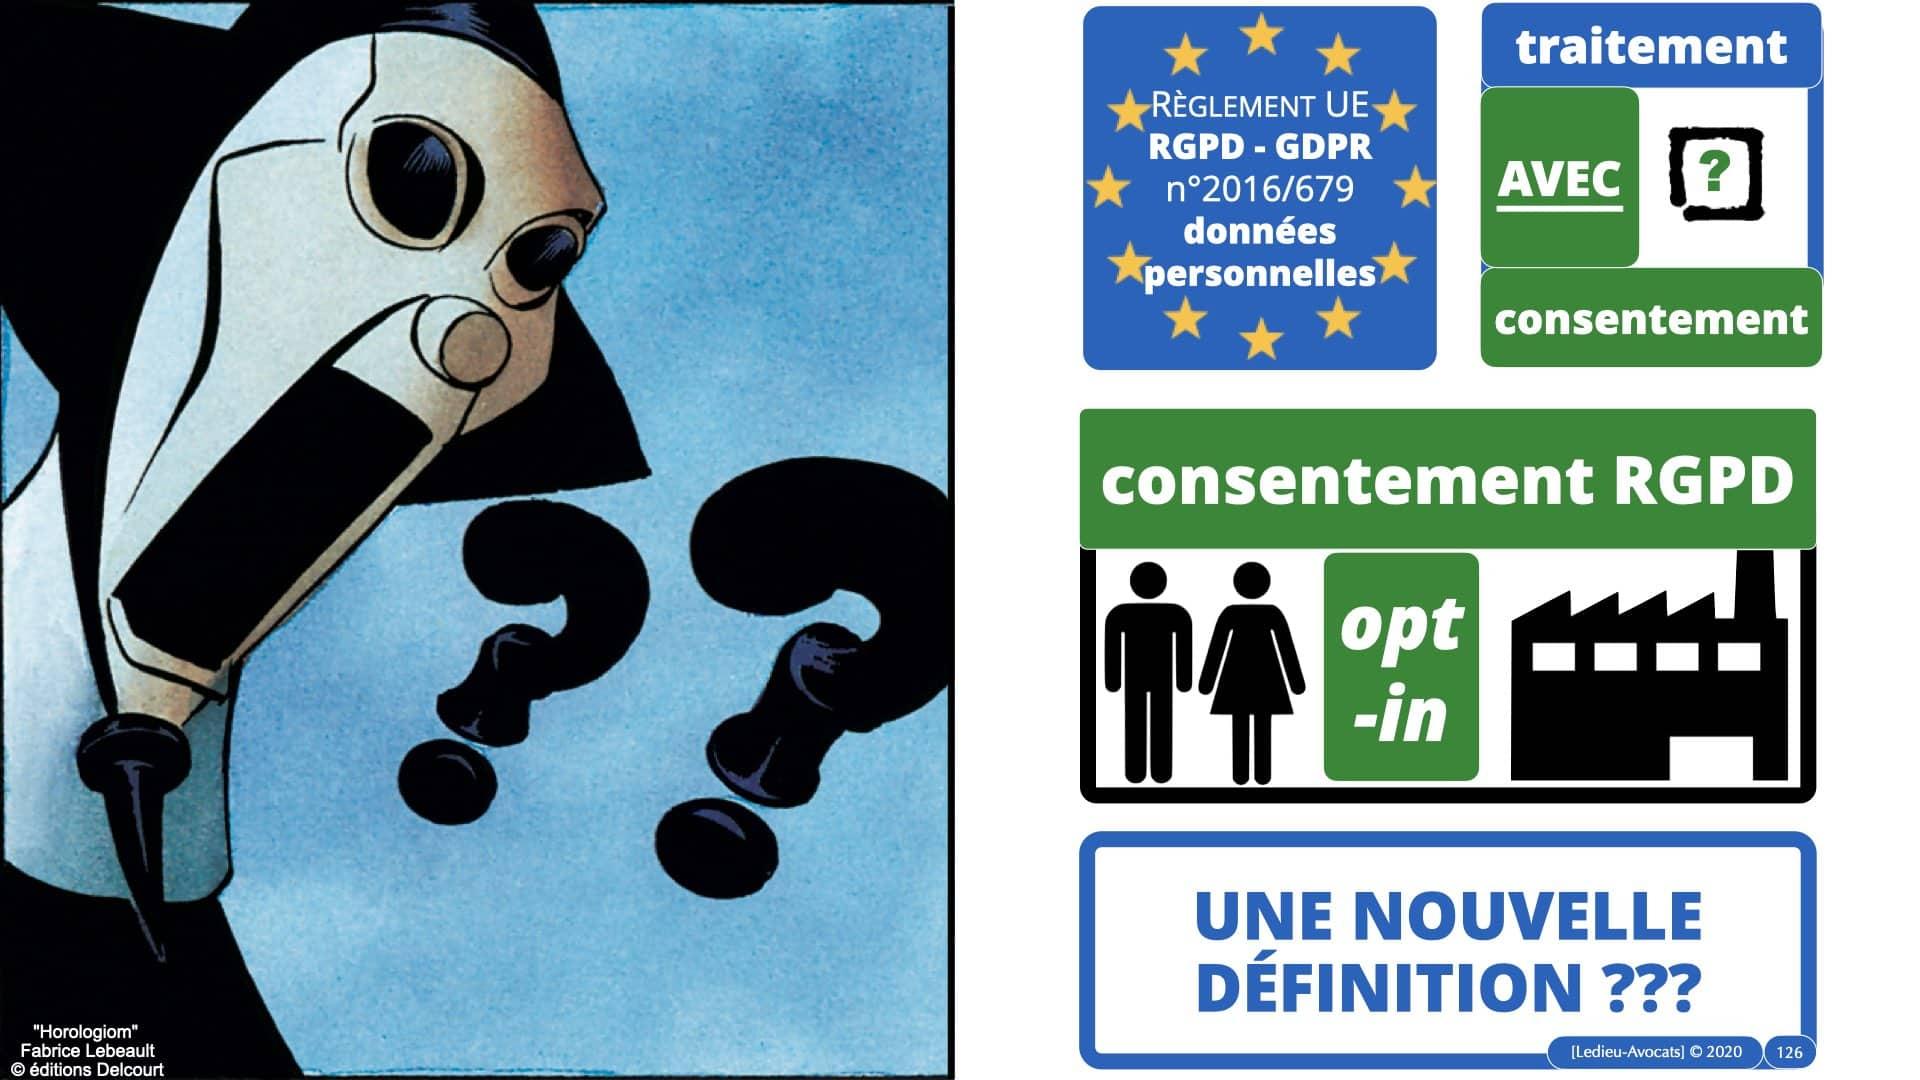 RGPD e-Privacy données personnelles jurisprudence formation Lamy Les Echos 10-02-2021 ©Ledieu-Avocats.126